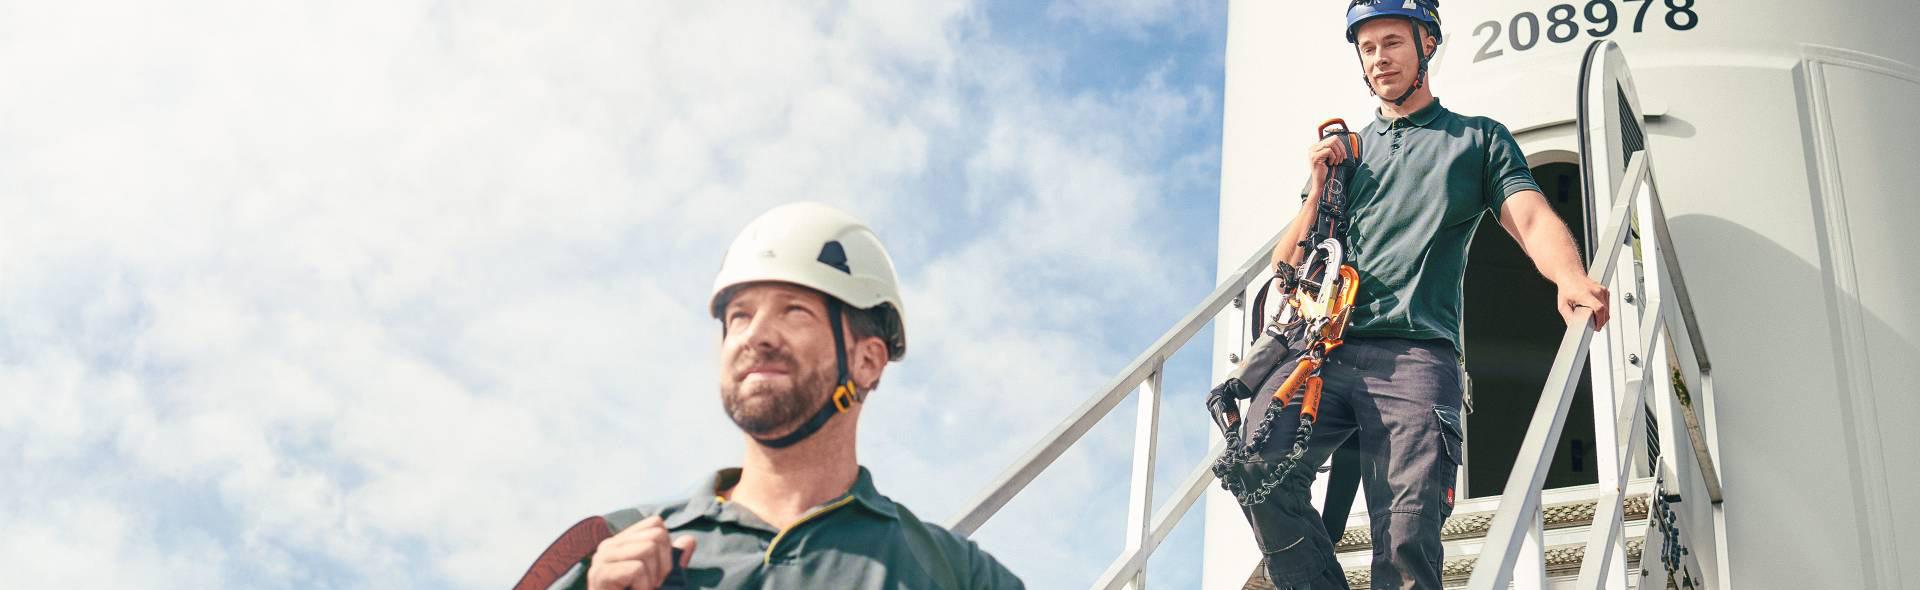 Zwei Techniker verlassen ein Windrad nach der Wartung